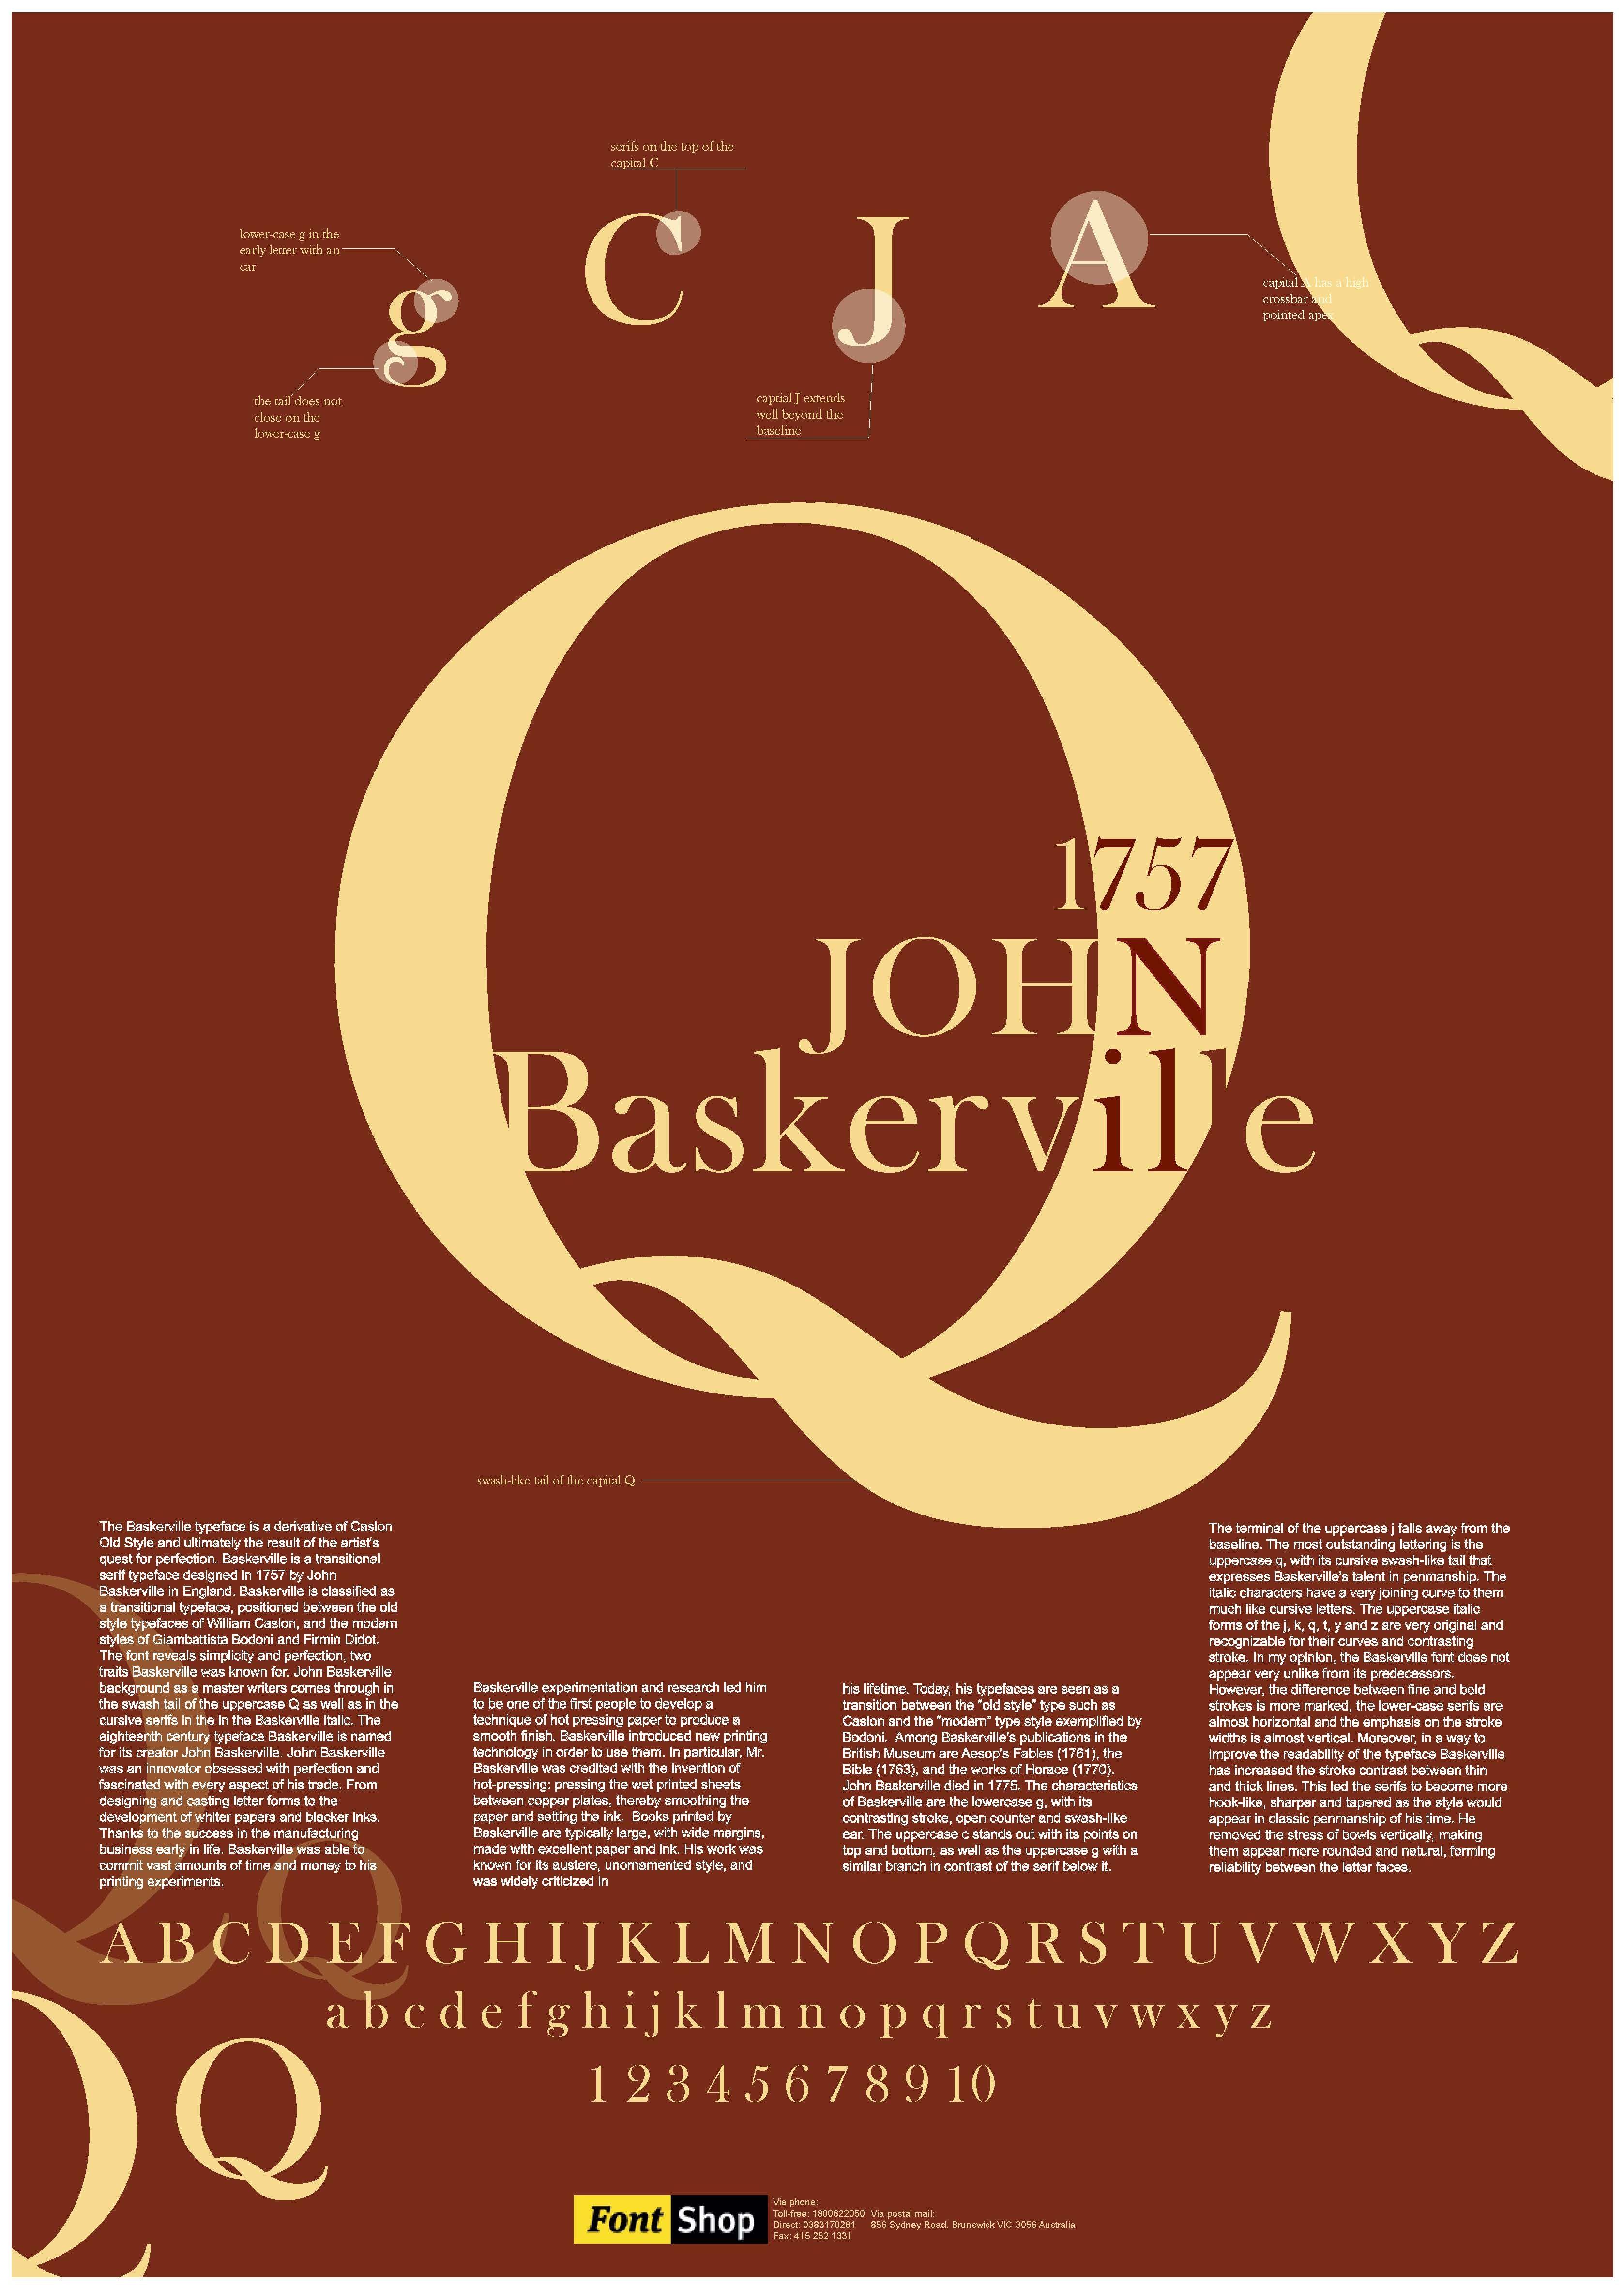 Poster design creator - Baskerville Font Poster